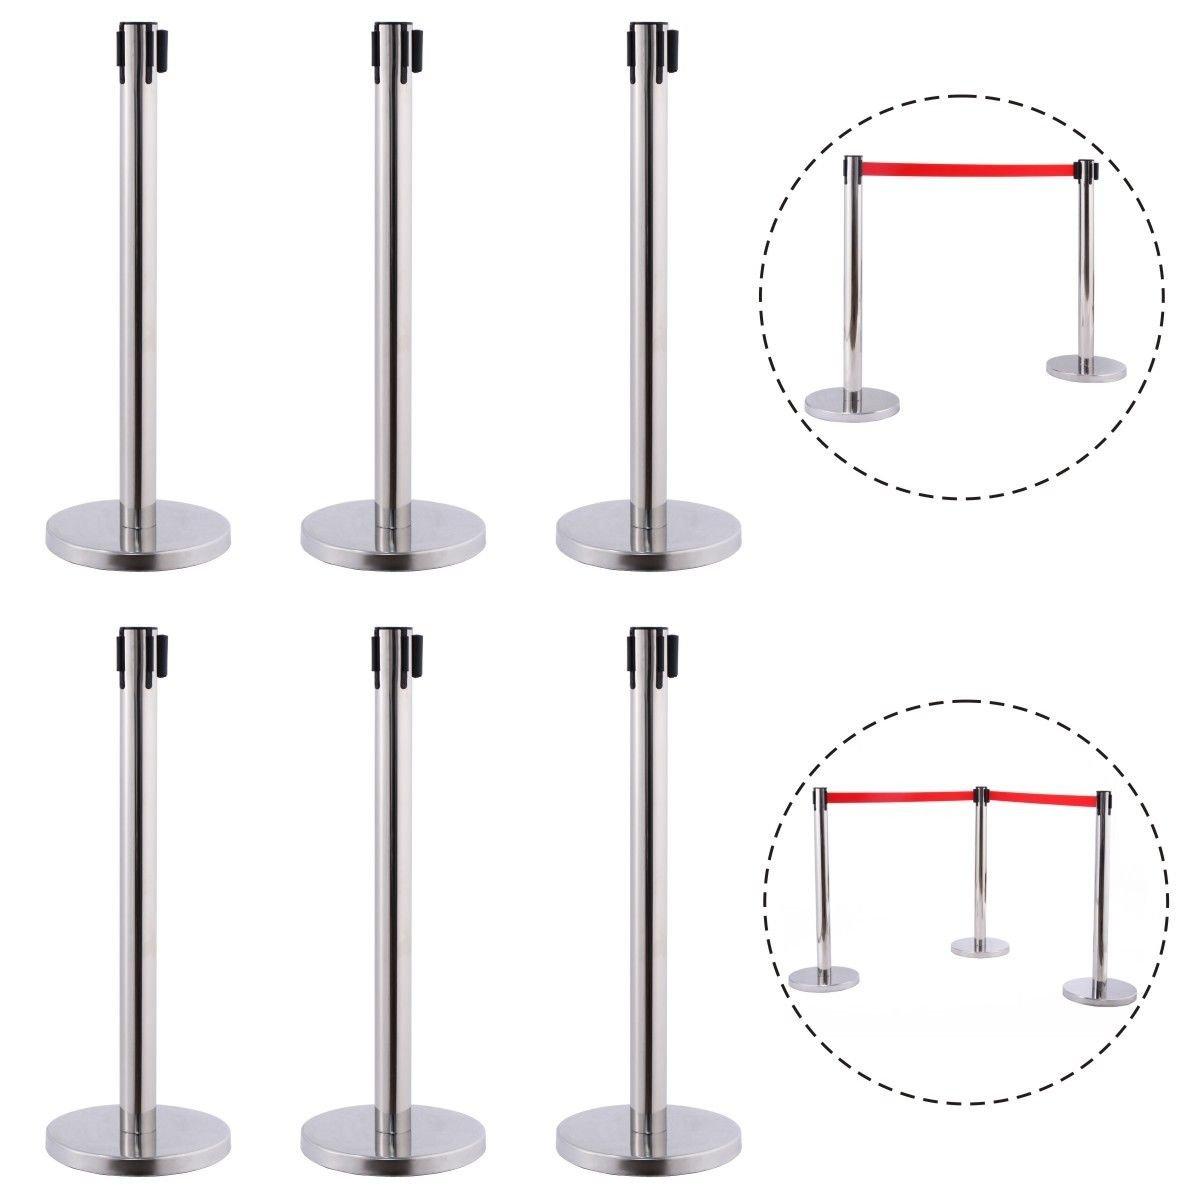 6 Pcs. Belt Retractable Crowd Control Stanchion Barrier Posts Queue Pole, Red by Alek...Shop (Image #3)